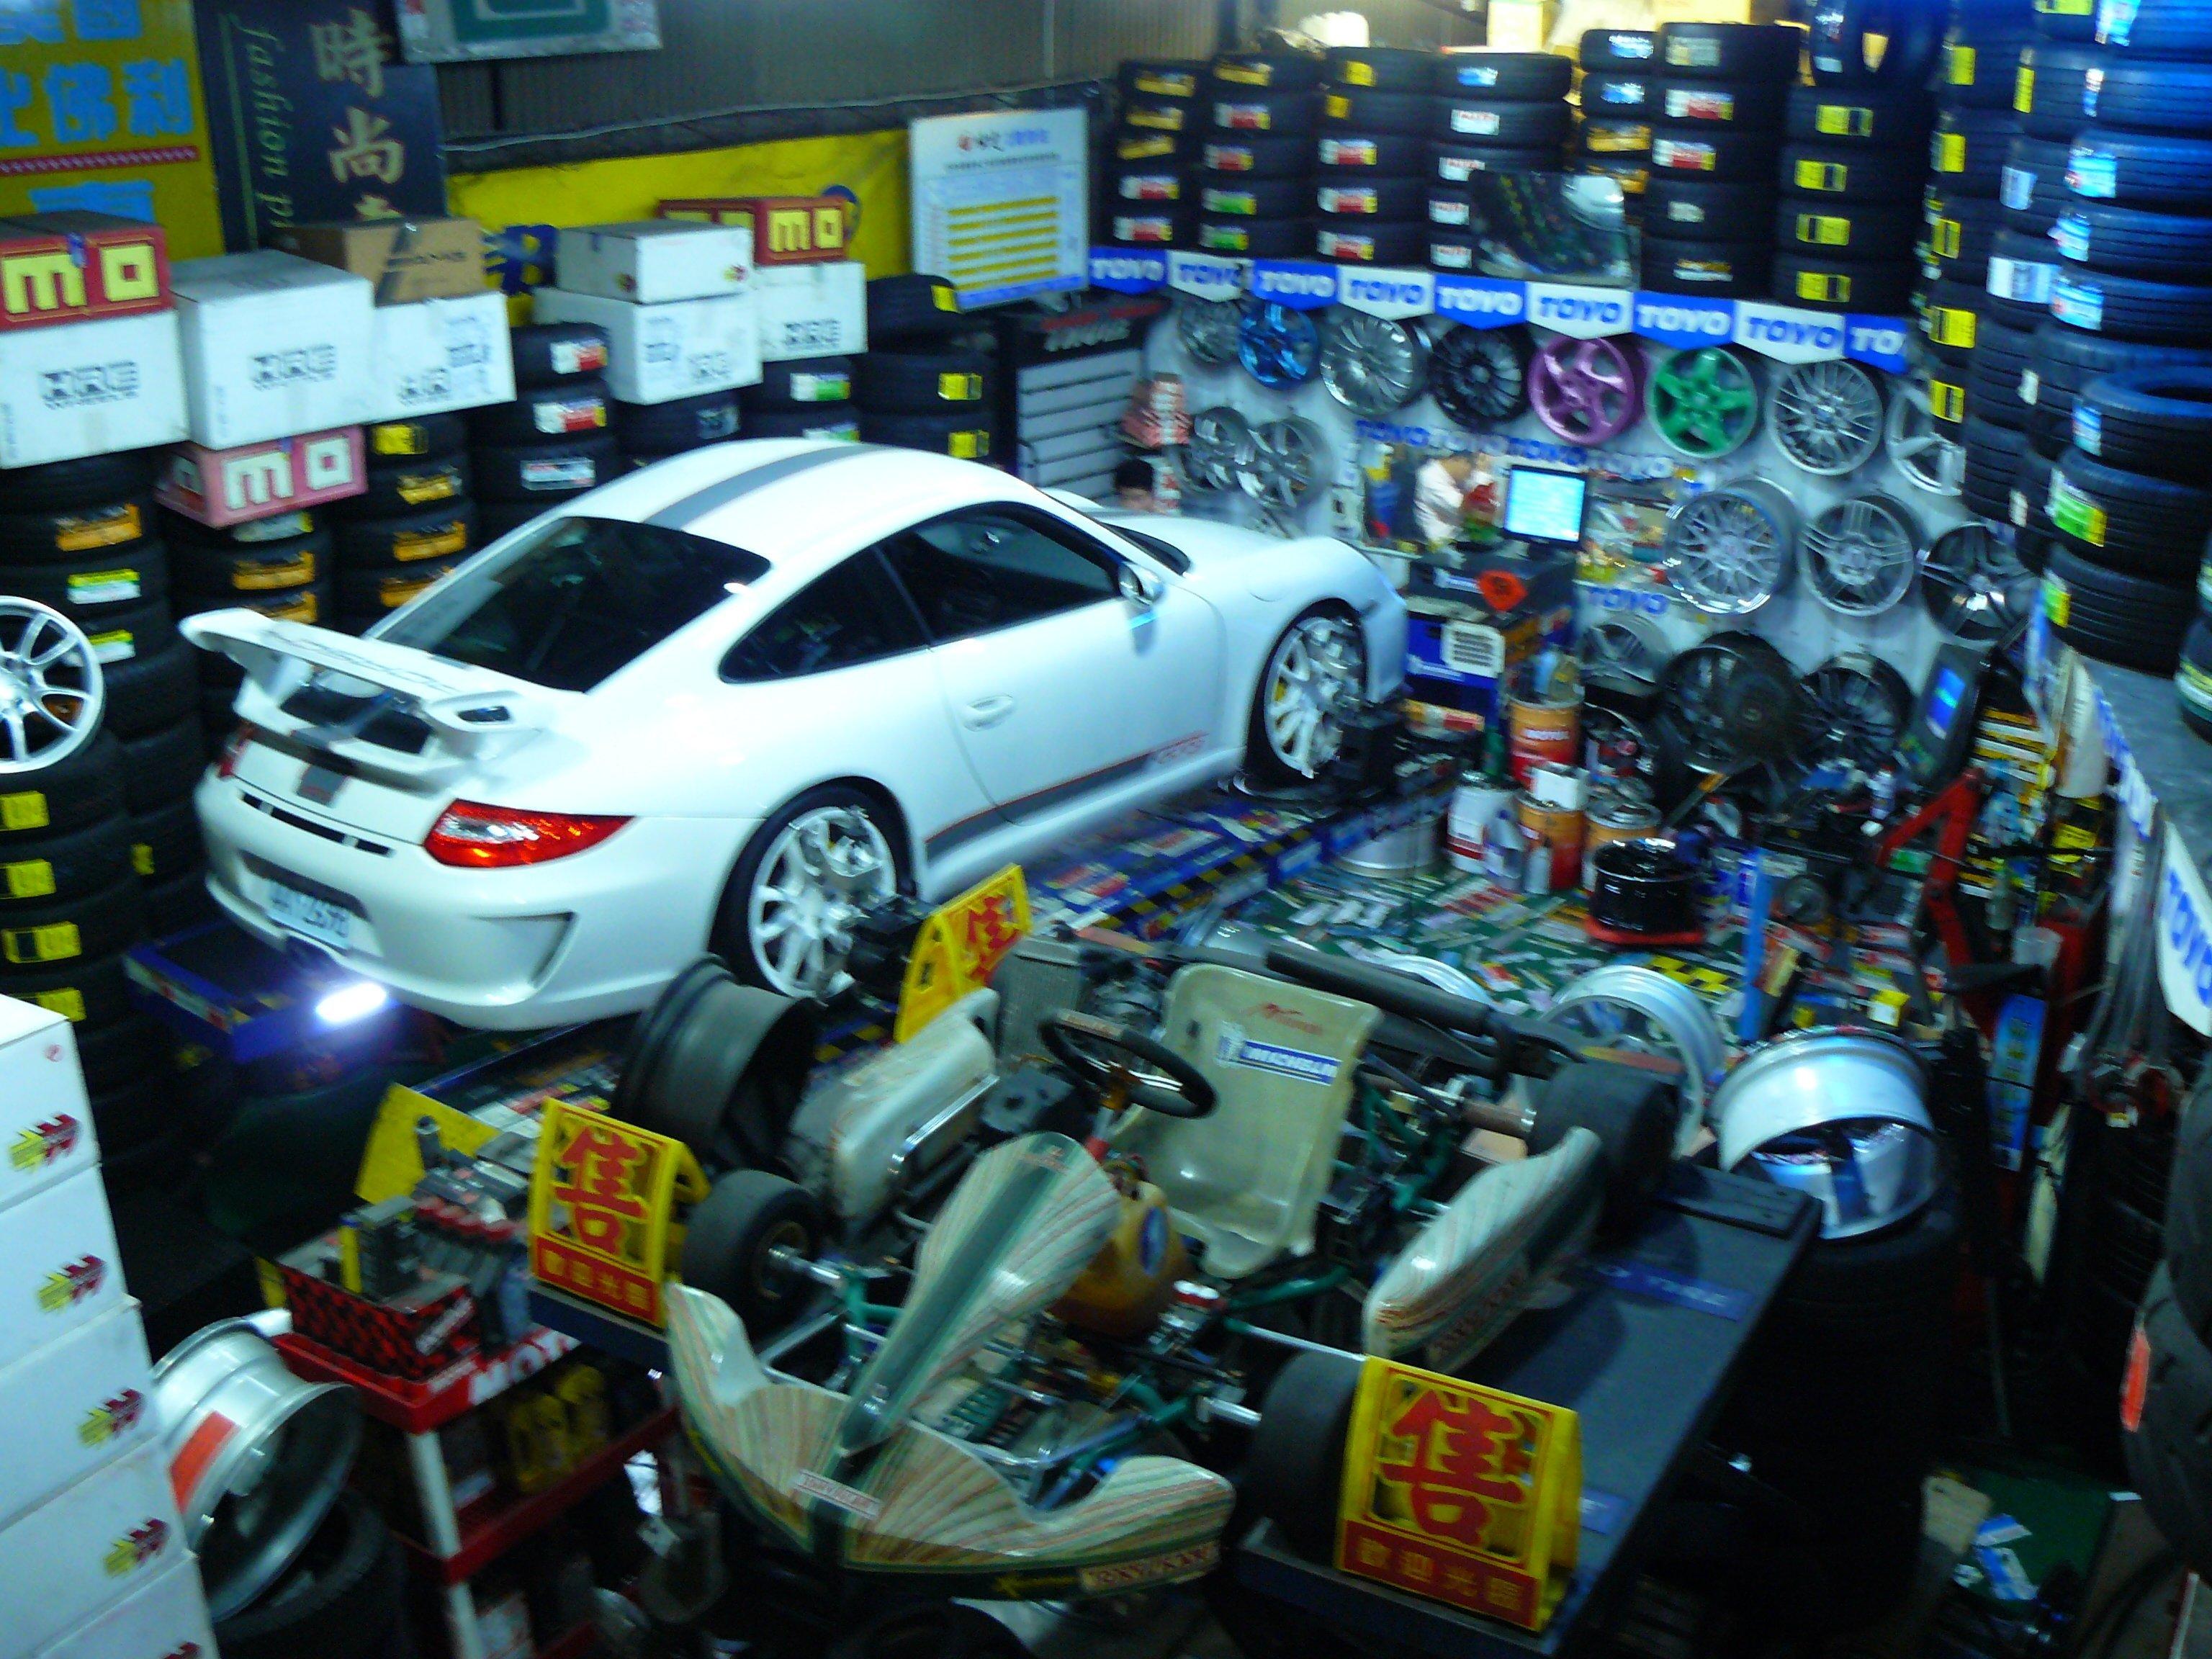 正HRE 鍛造鋁圈 BMW M3 新胎 落地胎 中古胎 13吋~22吋輪胎+鋁圈 米其林 馬牌 普利司通 PORSCHE